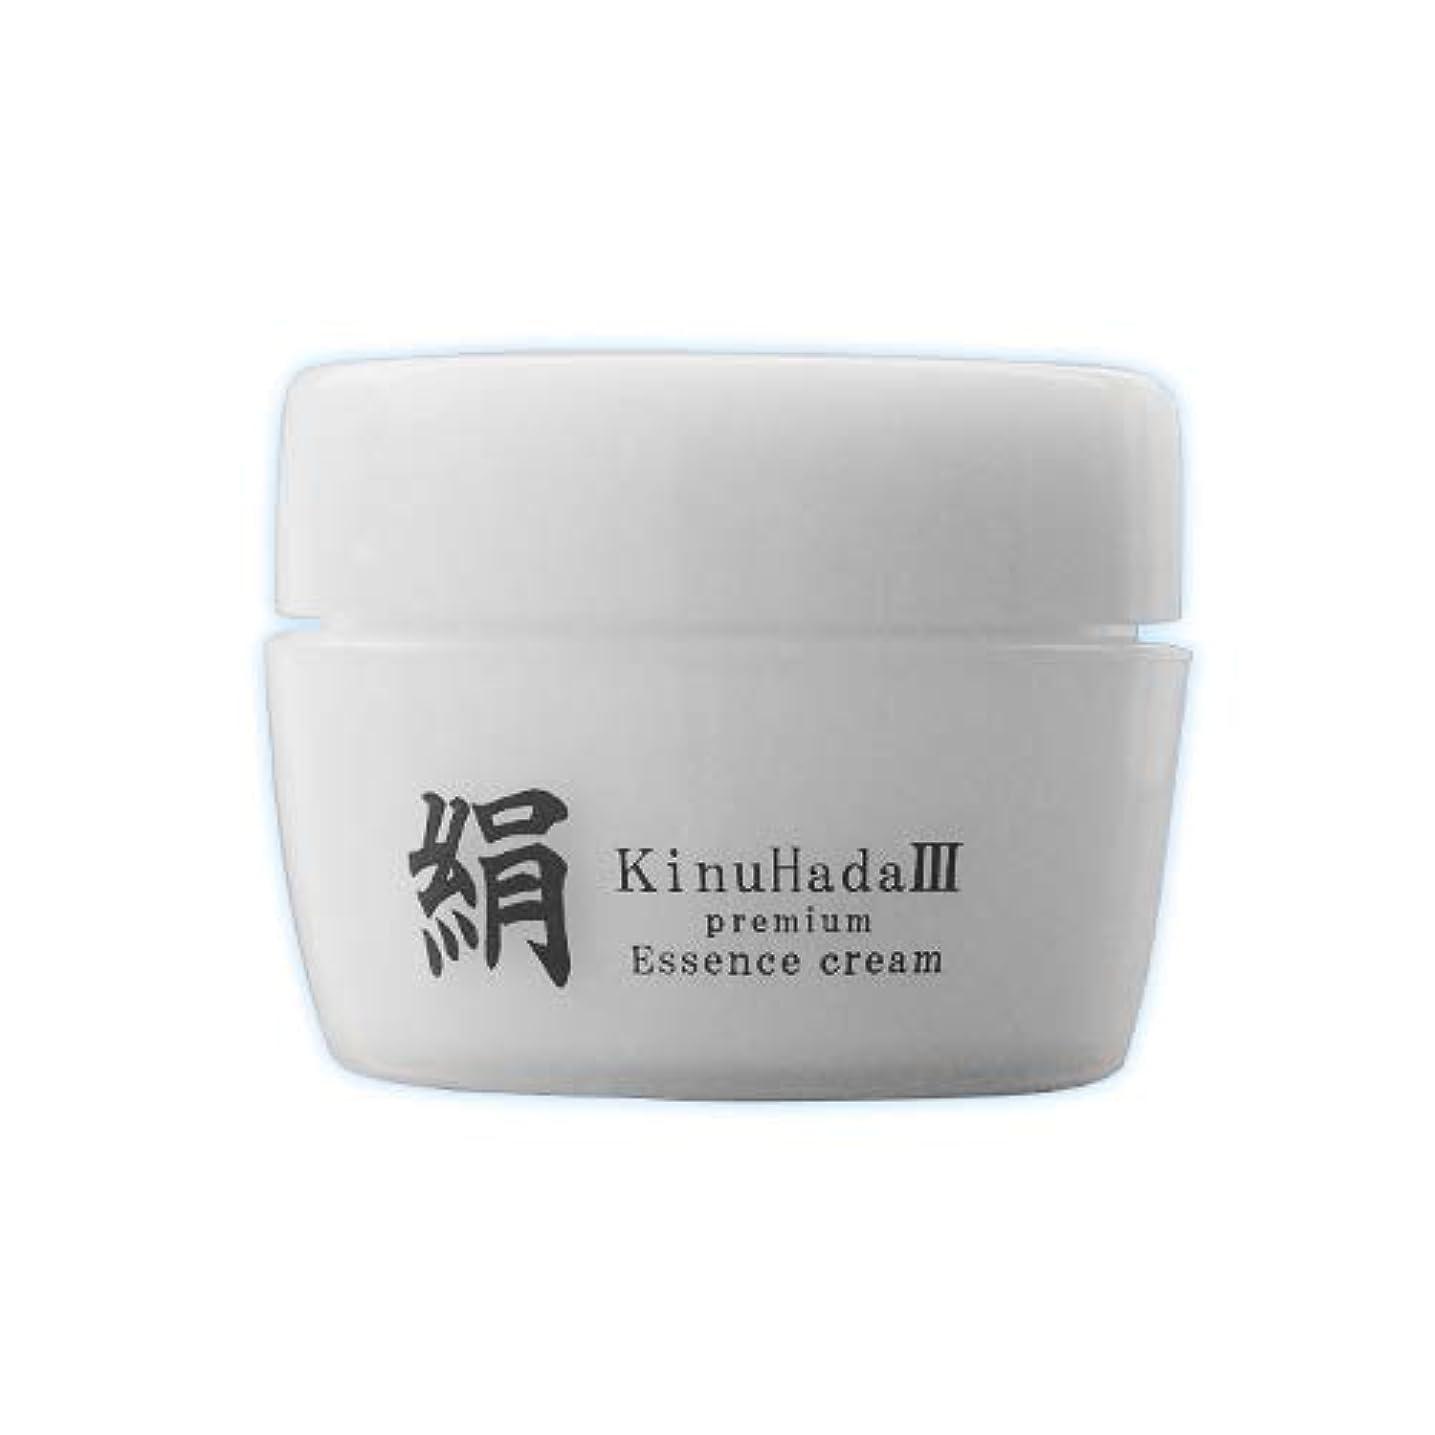 カイウスかるシンボルKinuHada 3 premium 60g オールインワン 美容液 絹